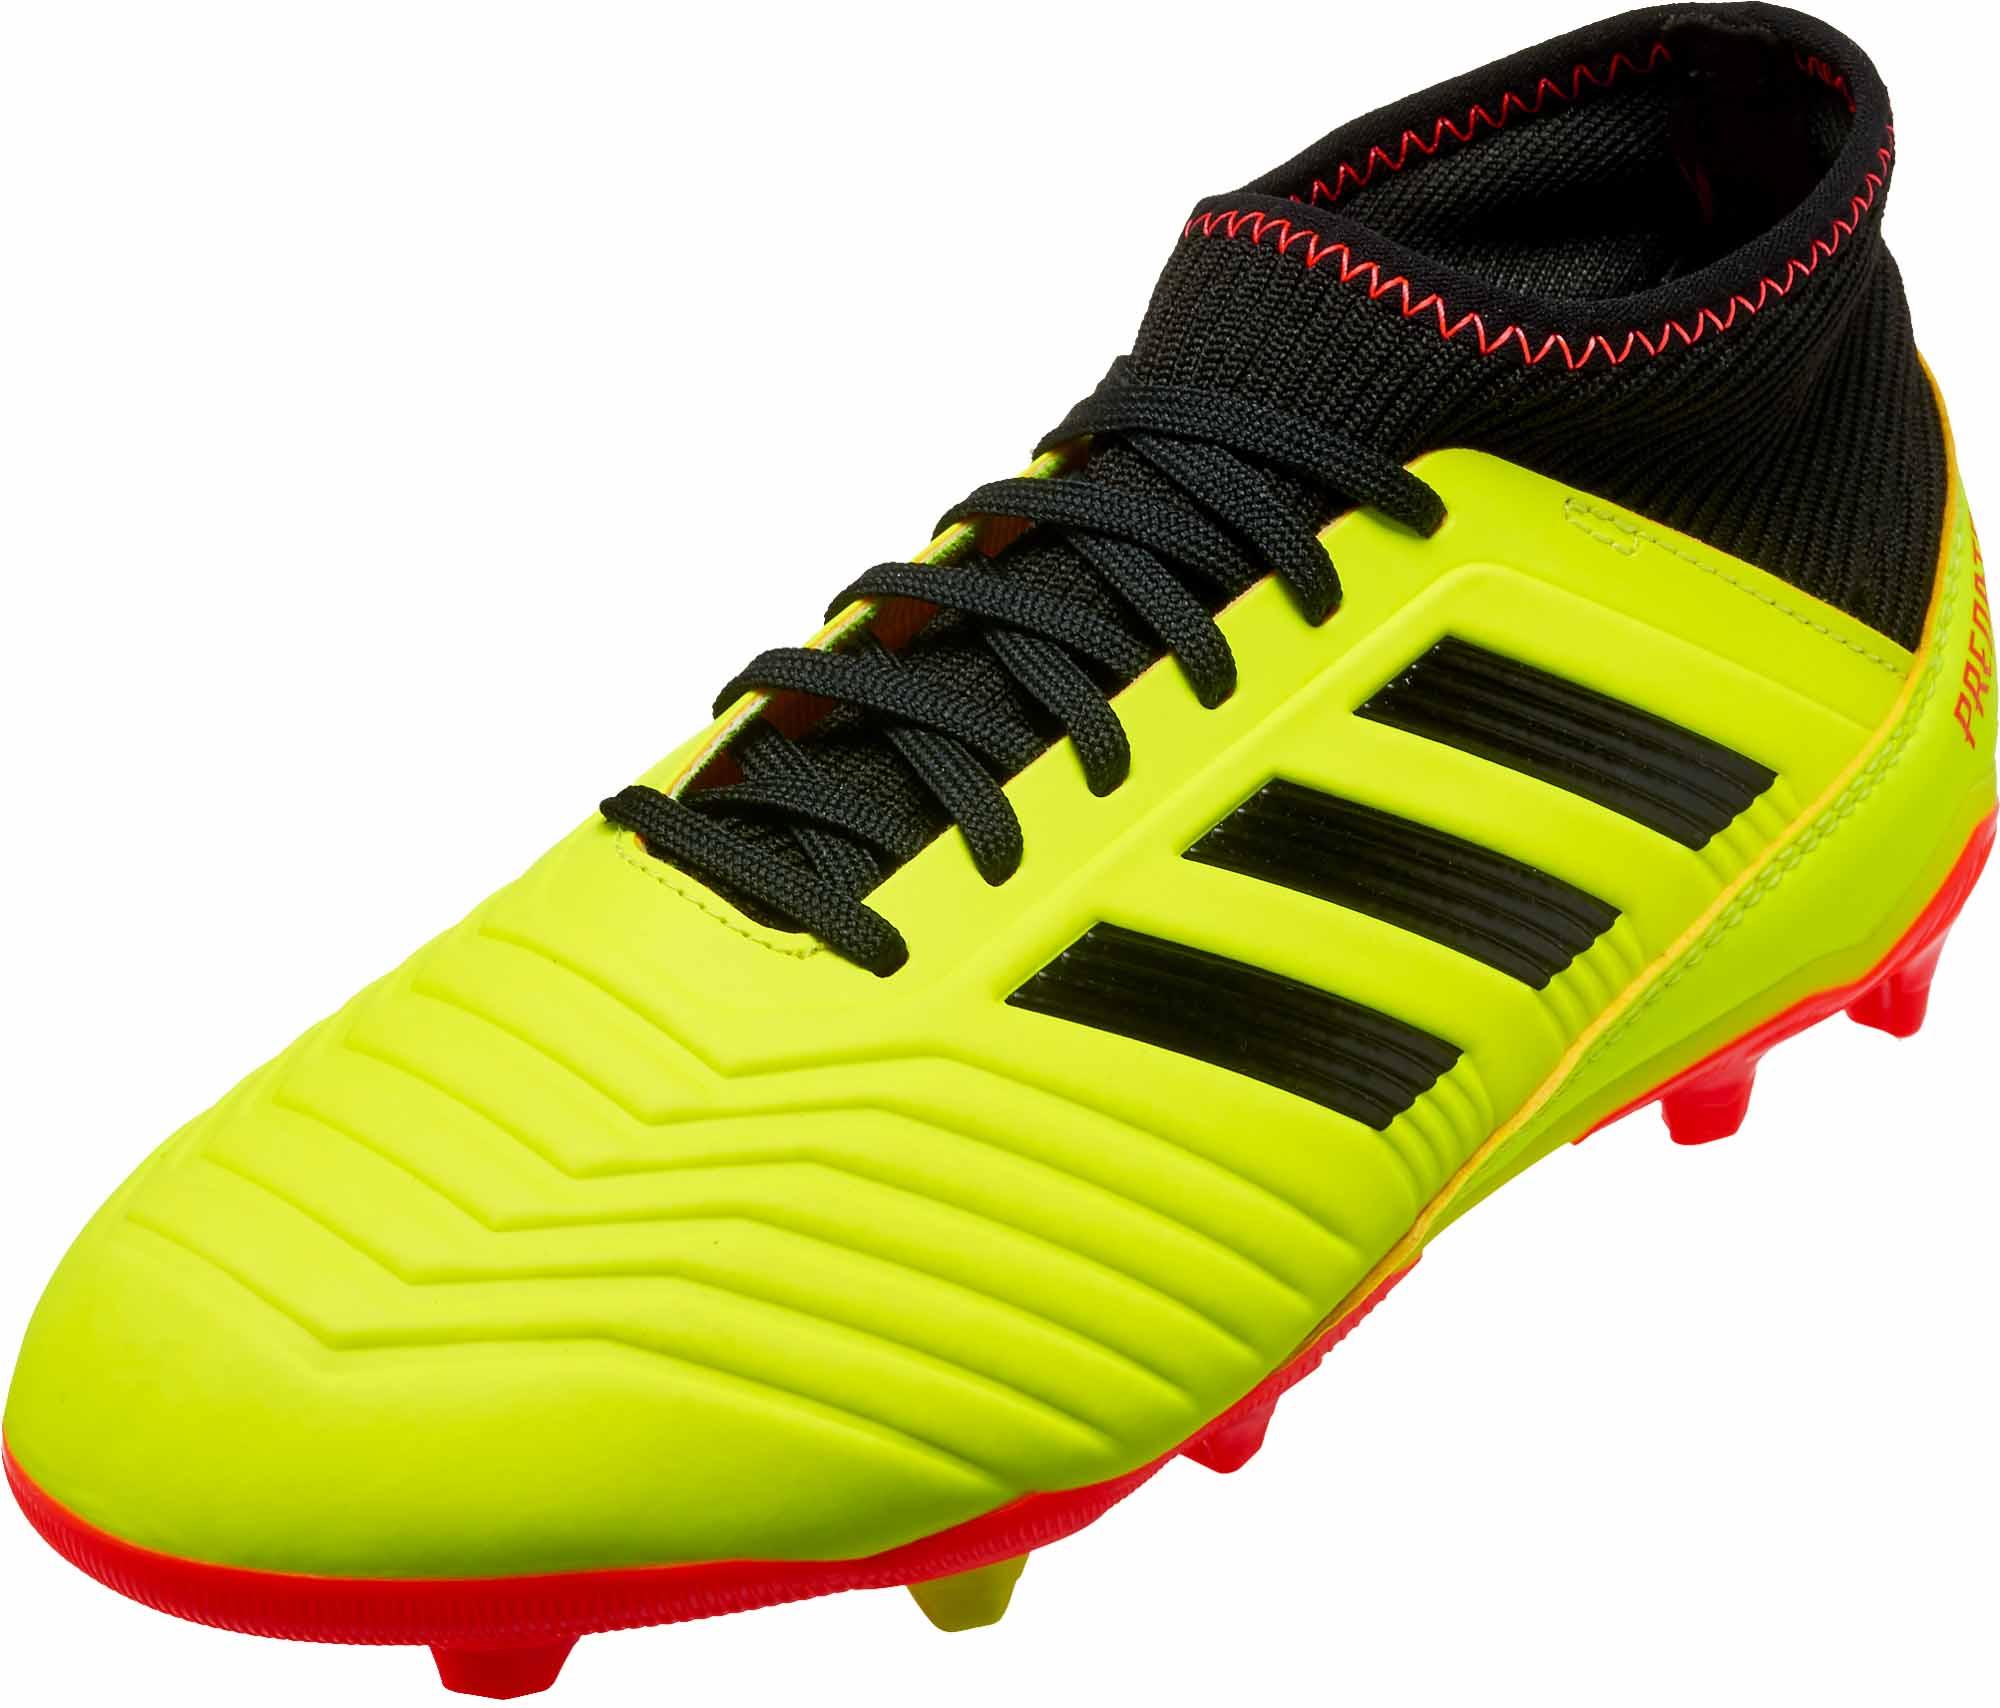 61871ac350d5 adidas Predator 18.3 FG - Youth - Solar Yellow Black Solar Red ...